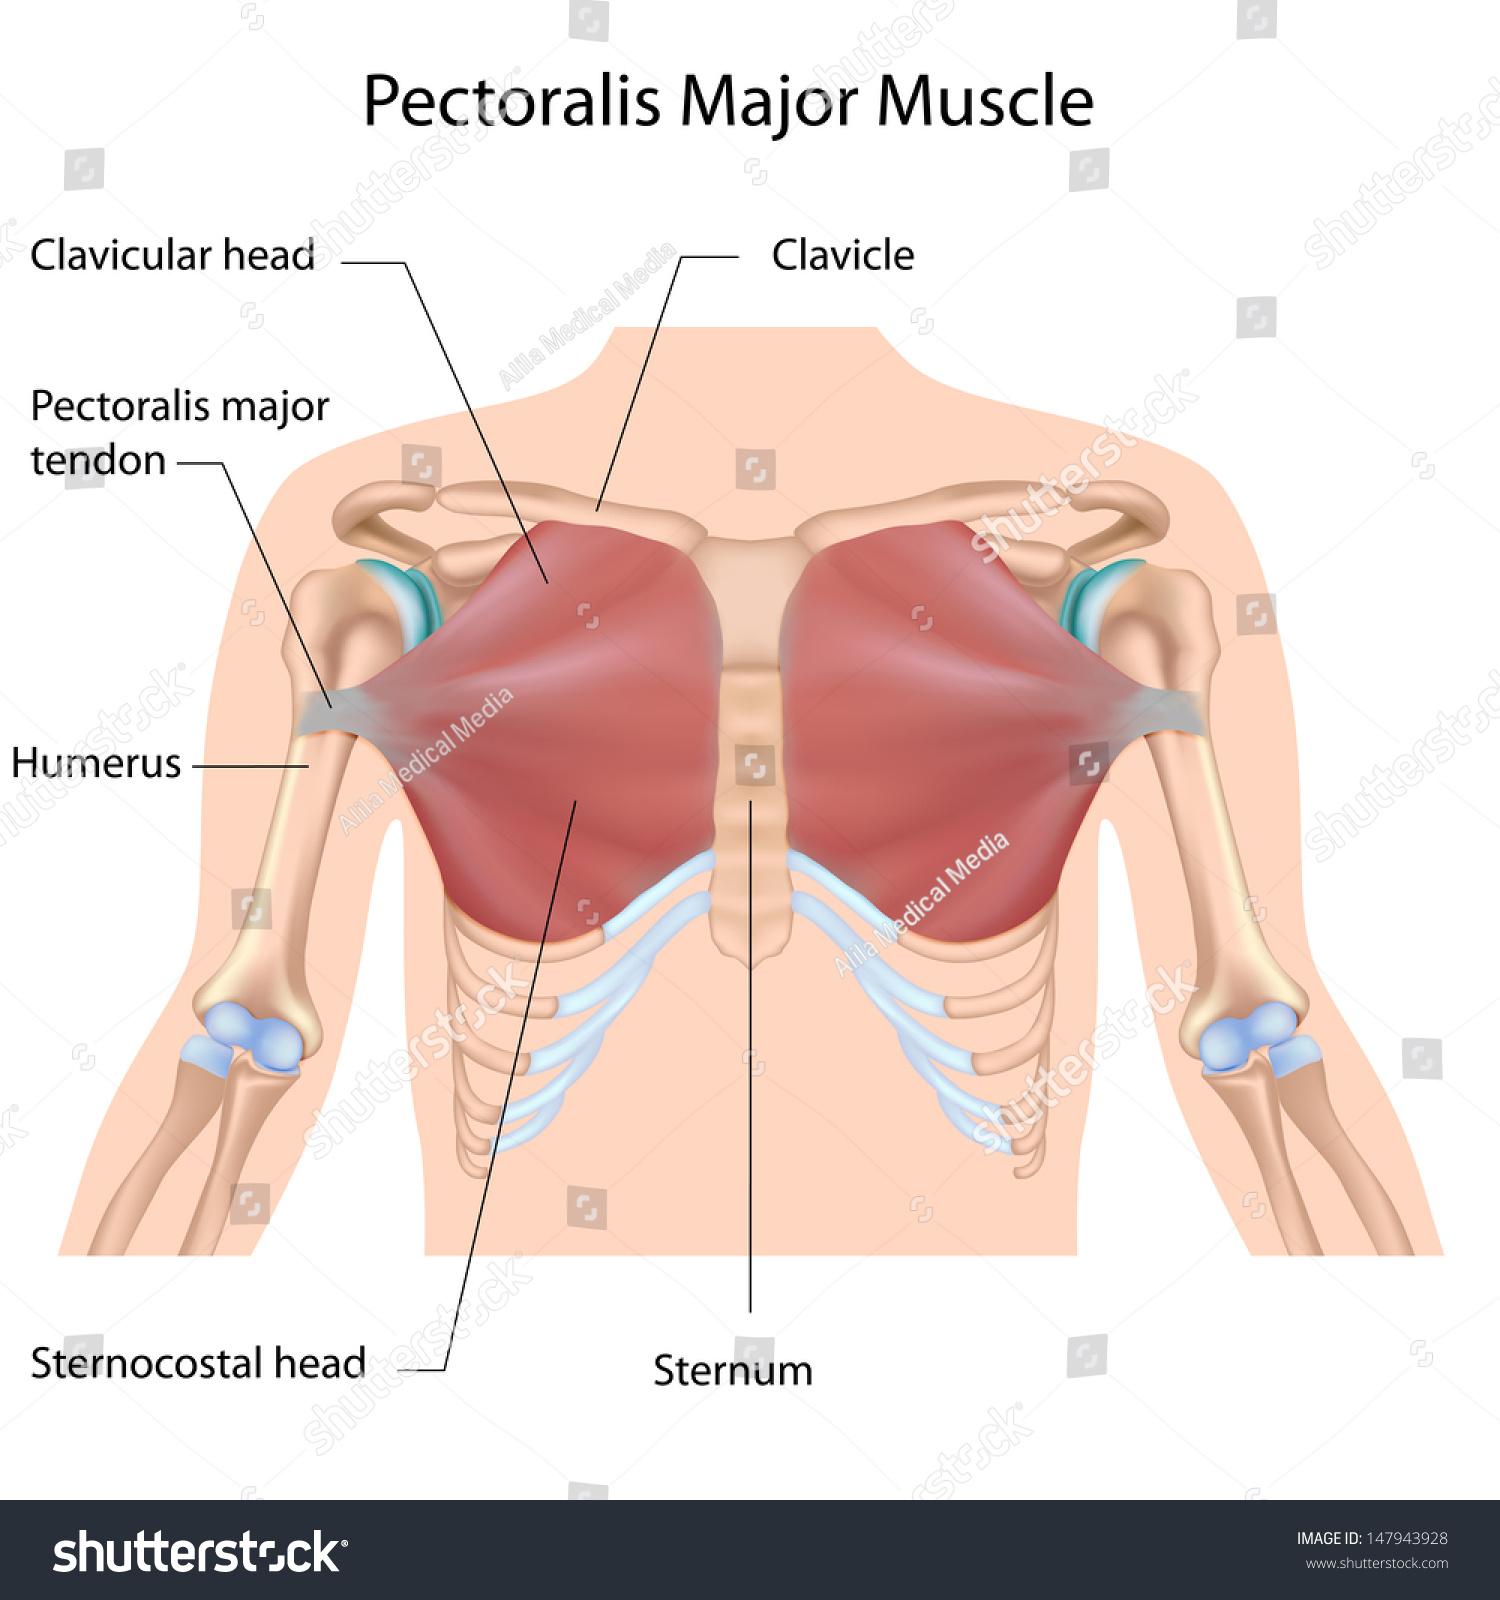 hight resolution of pectoralis diagram maj wiring diagram query pectoralis diagram maj wiring diagram log pectoralis diagram maj